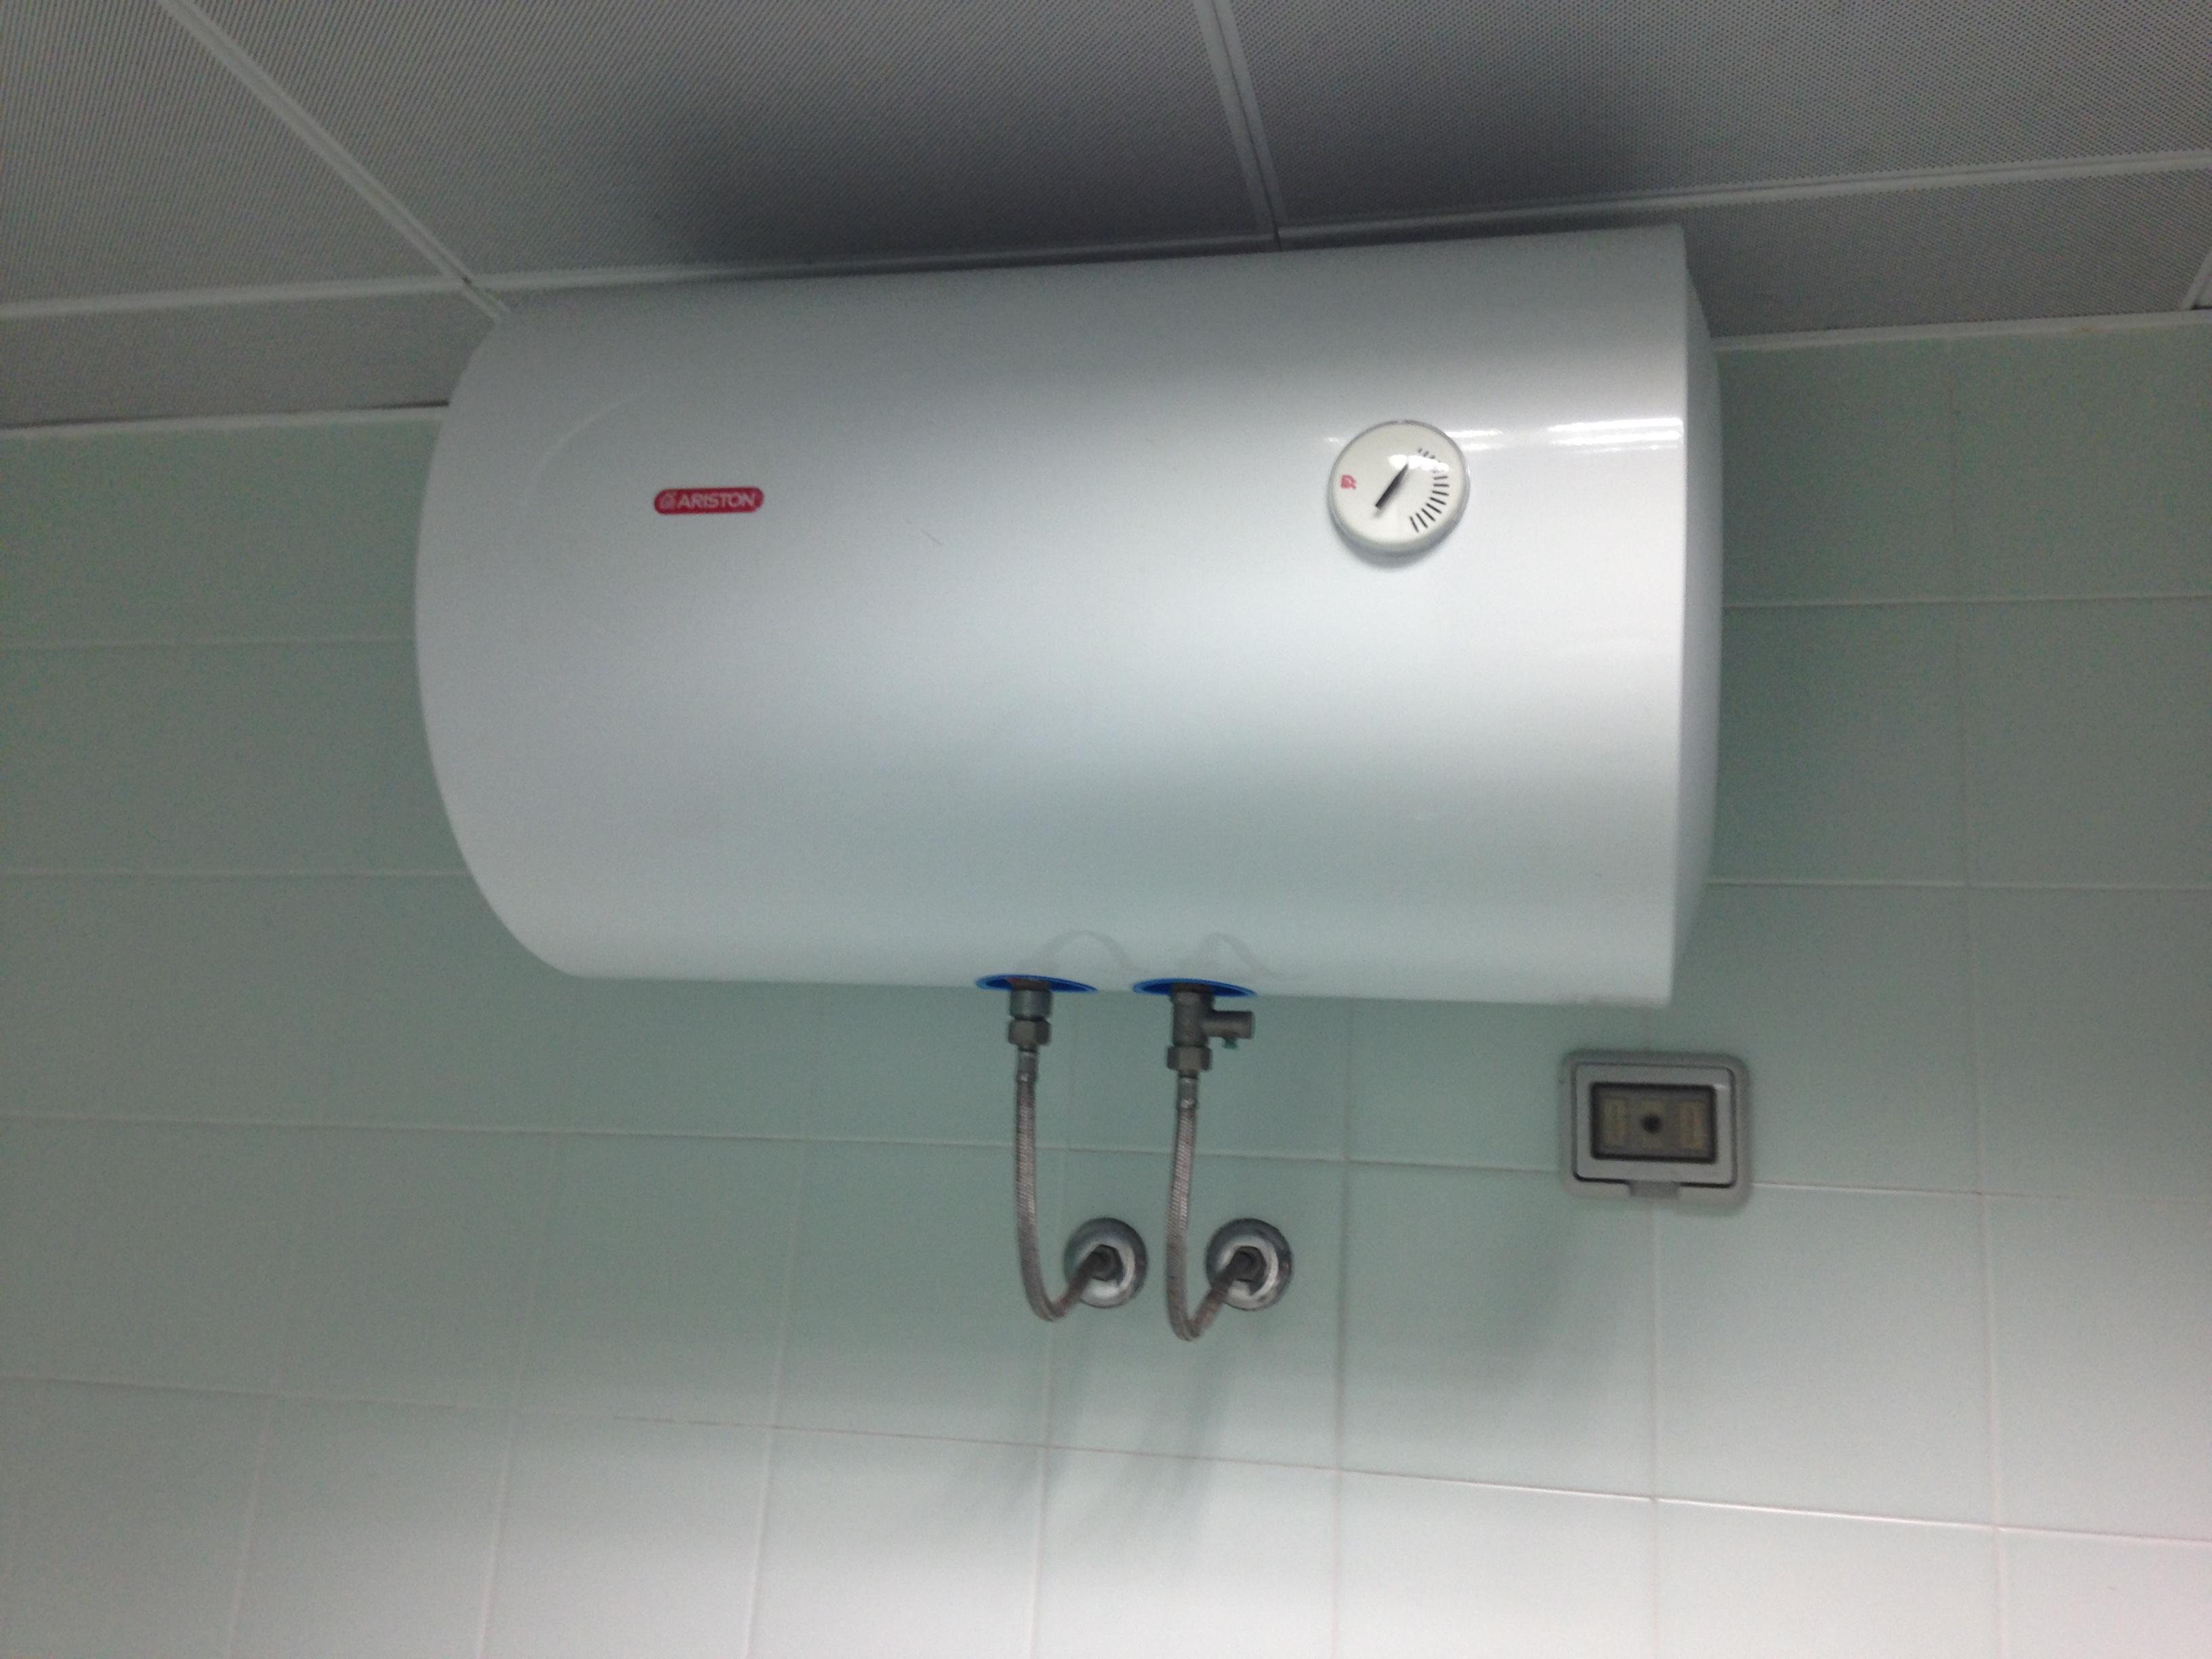 Bagno Senza Bidet Normativa dove installare lo scaldabagno nel bagno